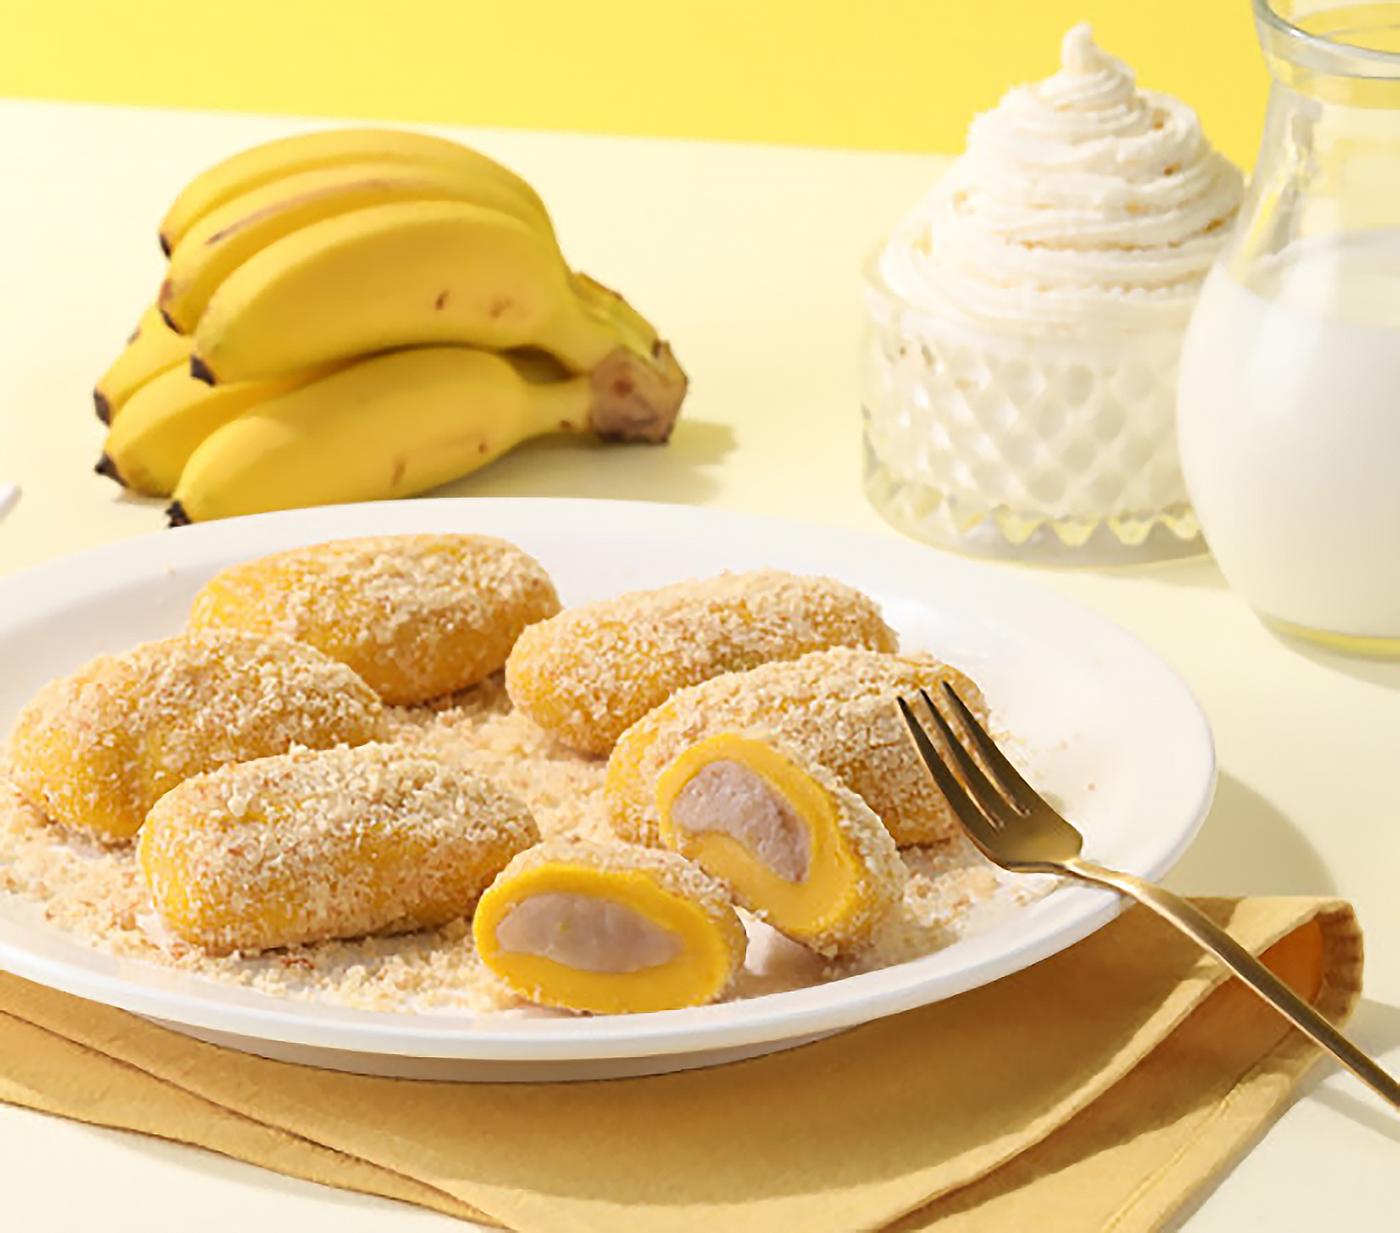 굳지 않는 리얼 바나나 모찌 찹쌀떡 (16입) 상세이미지2